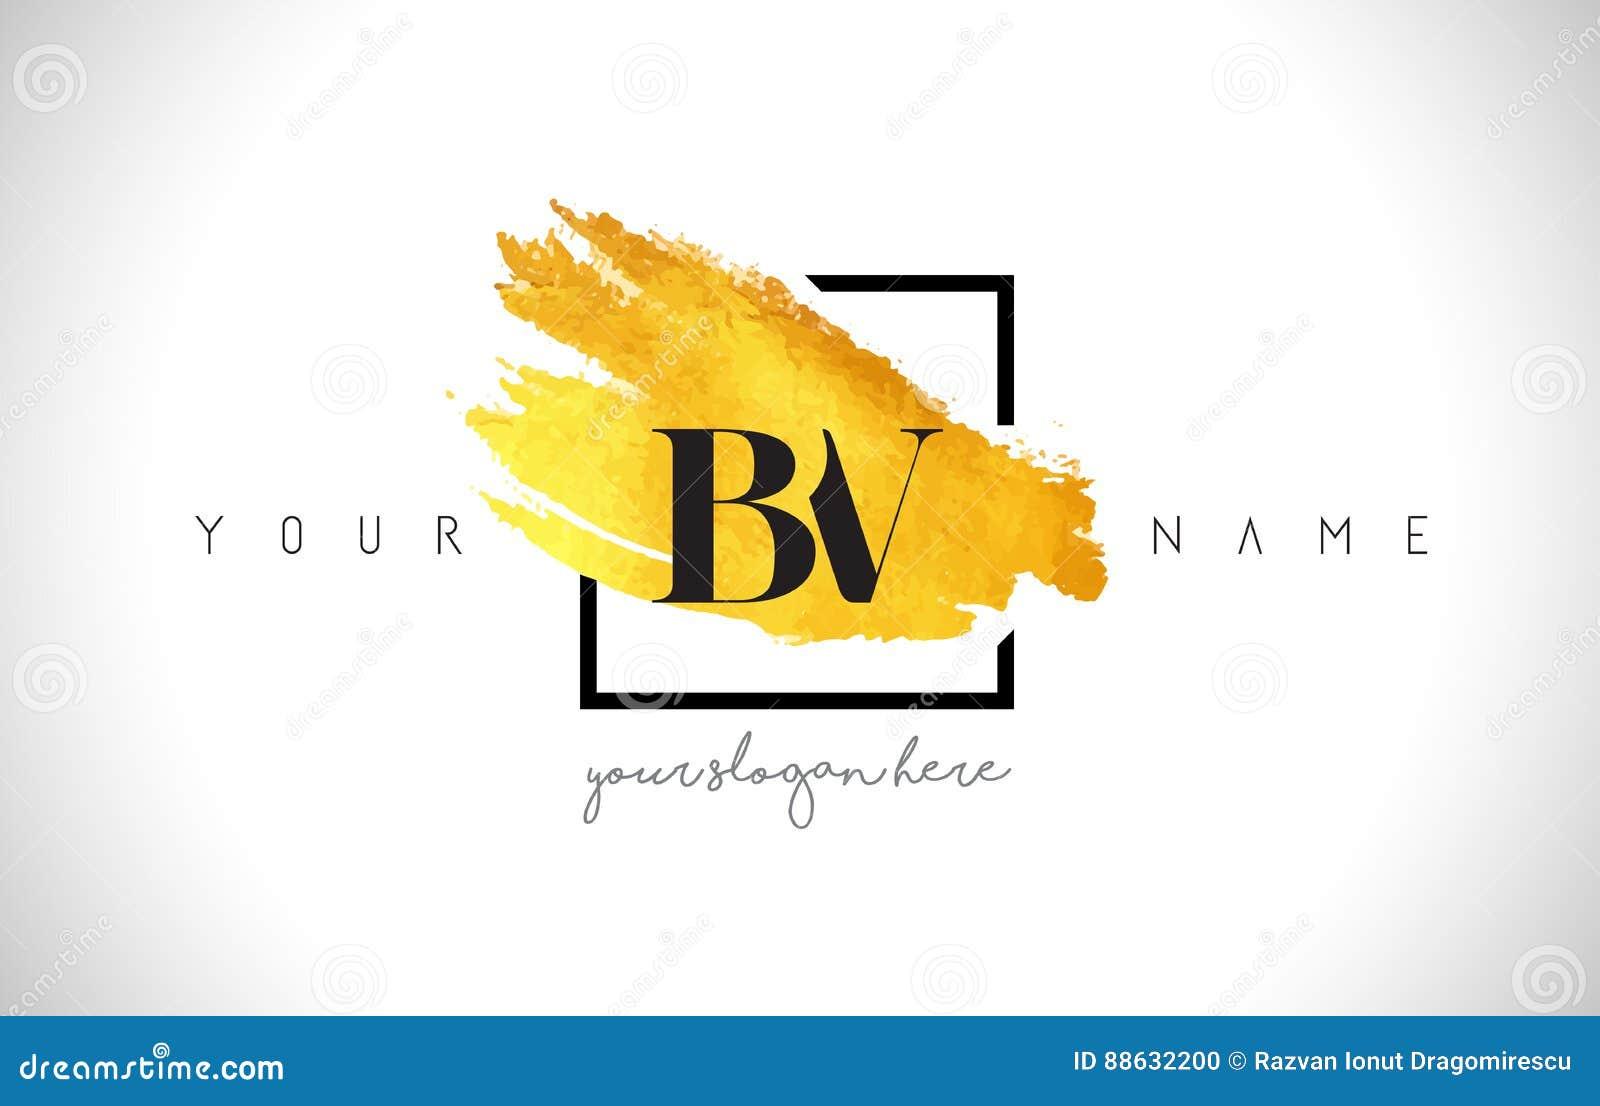 BV Golden Letter Logo Design with Creative Gold Brush Stroke